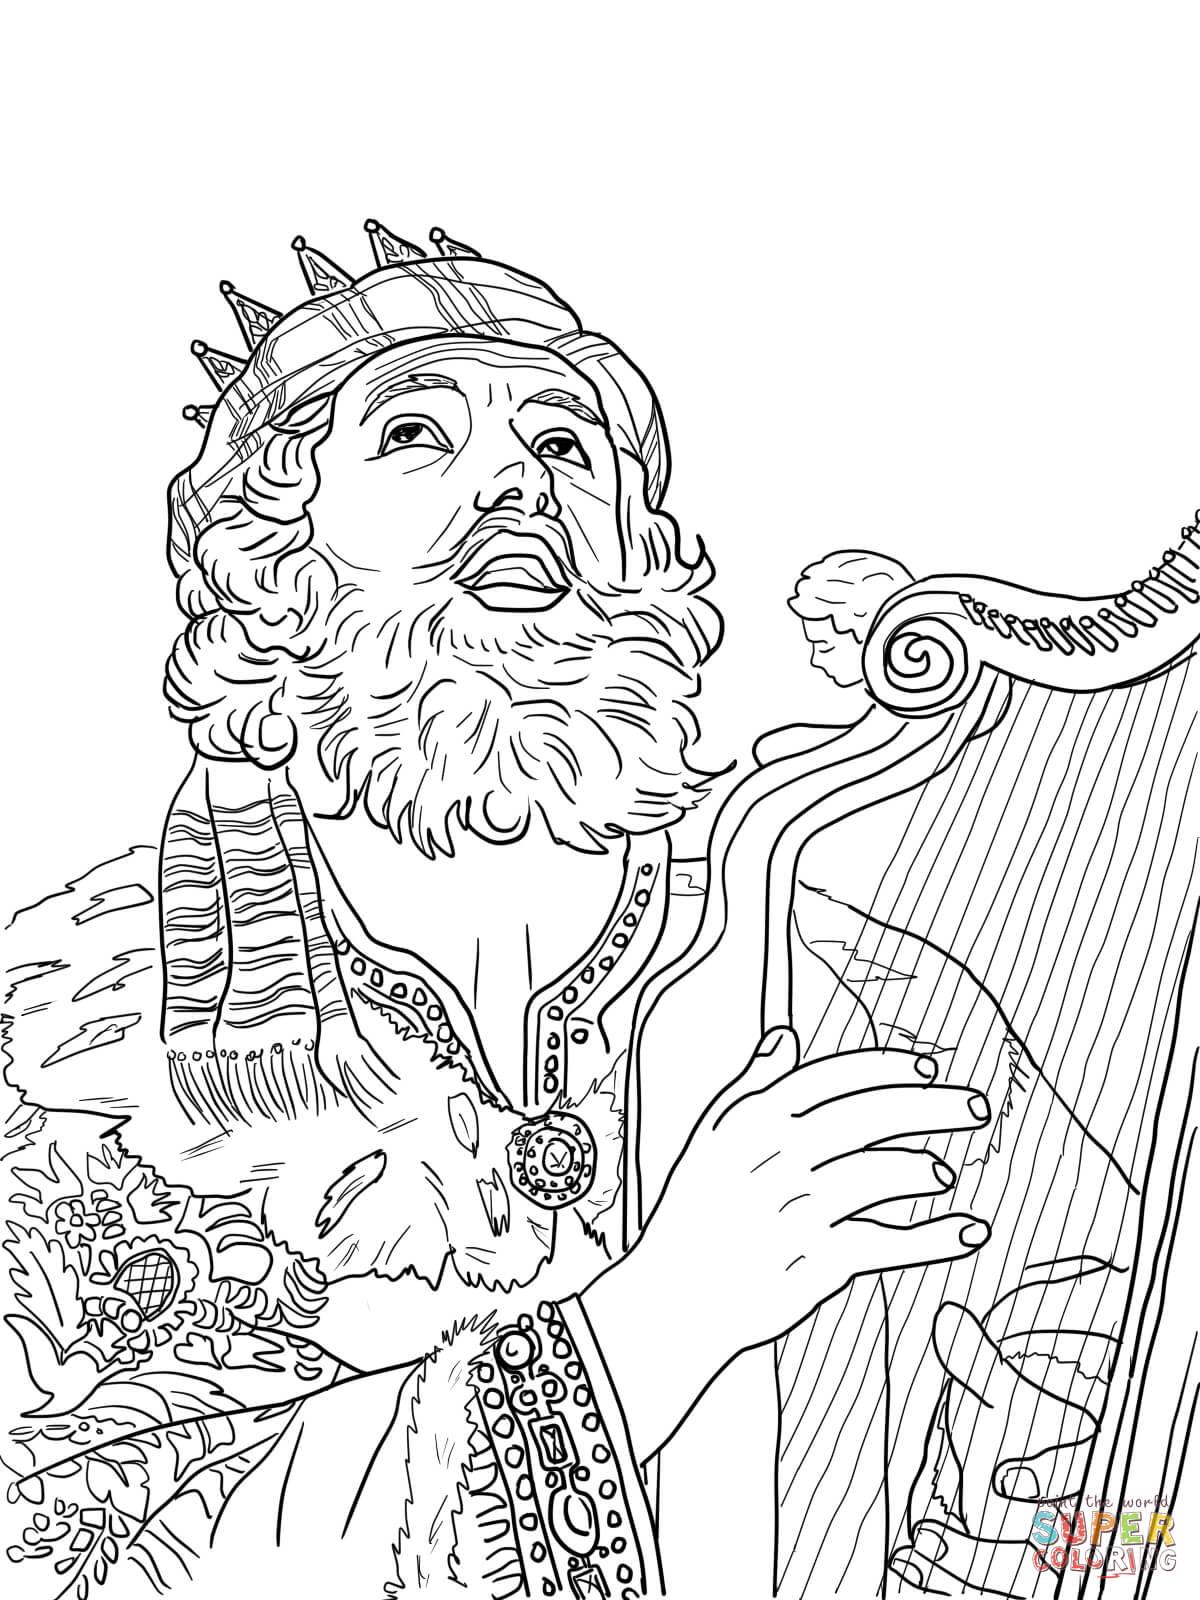 Ausmalbild Knig David Spielt Auf Der Harve